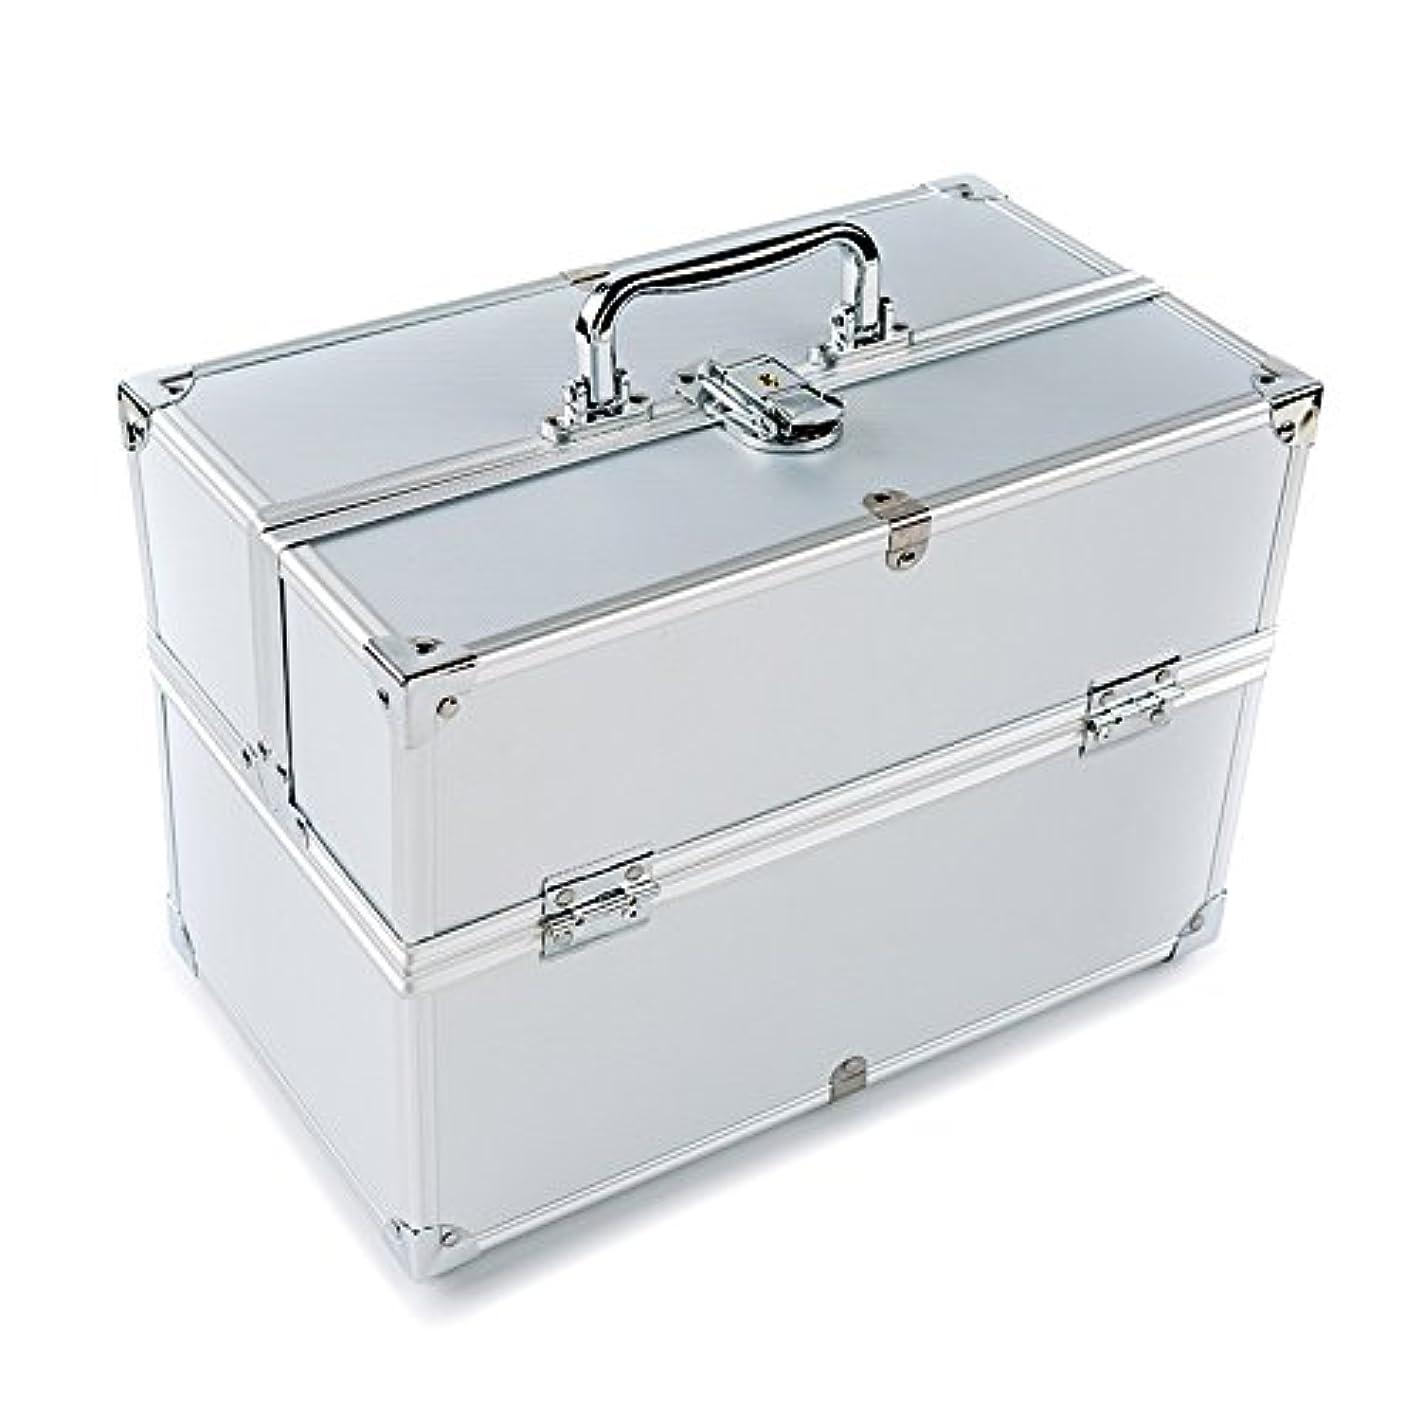 援助自分を引き上げる気性MCTECH コスメボックス 薬箱 救急箱 収納ボックス キャリーボックス ネイリスト用バッグ アルミ製 持ち運び 鍵付き シルバー